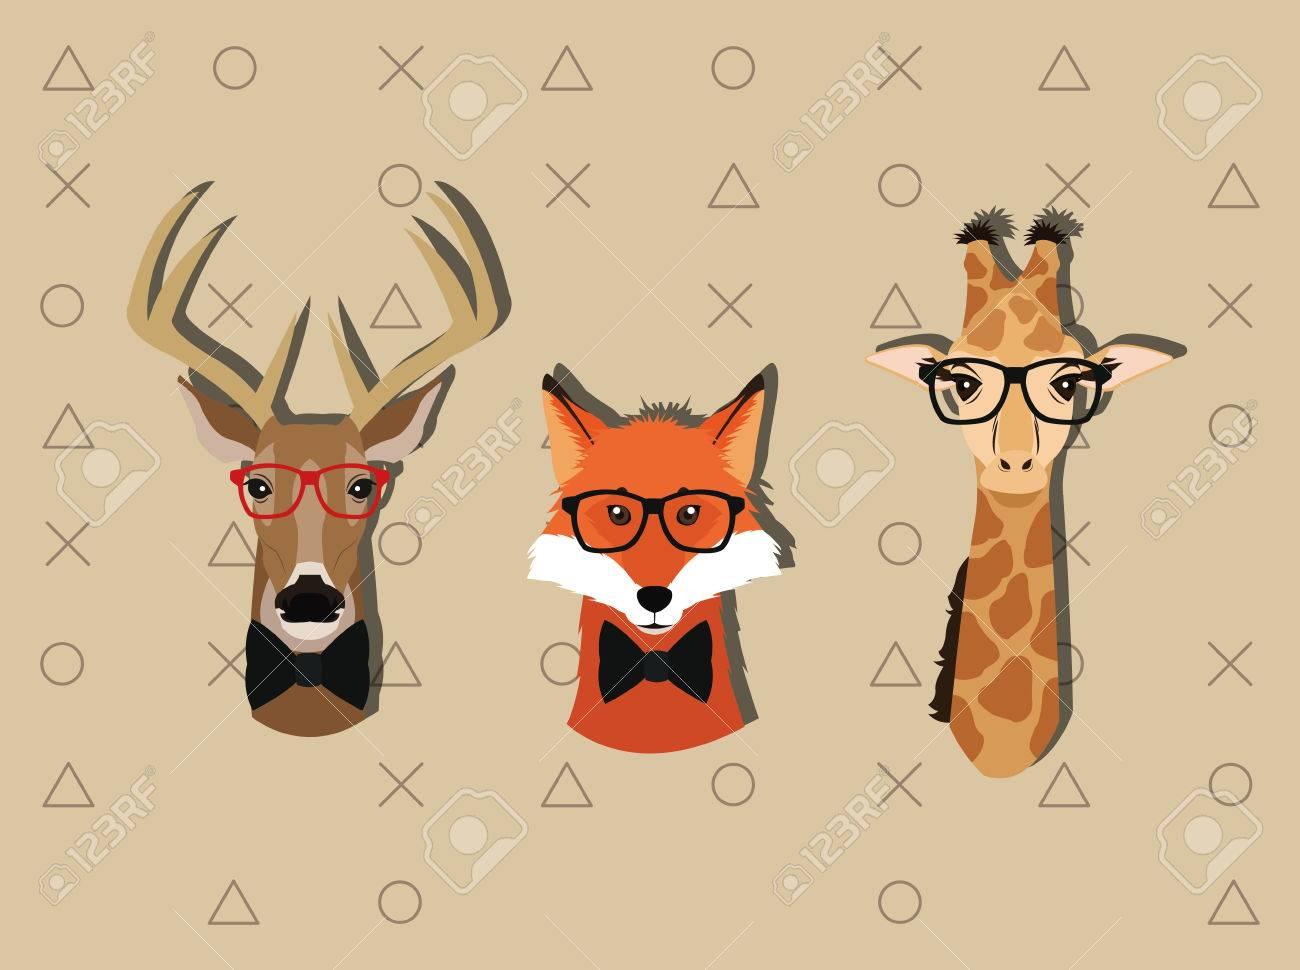 design plat animaux de style hipster l'image illustration vectorielle Banque d'images - 62640999